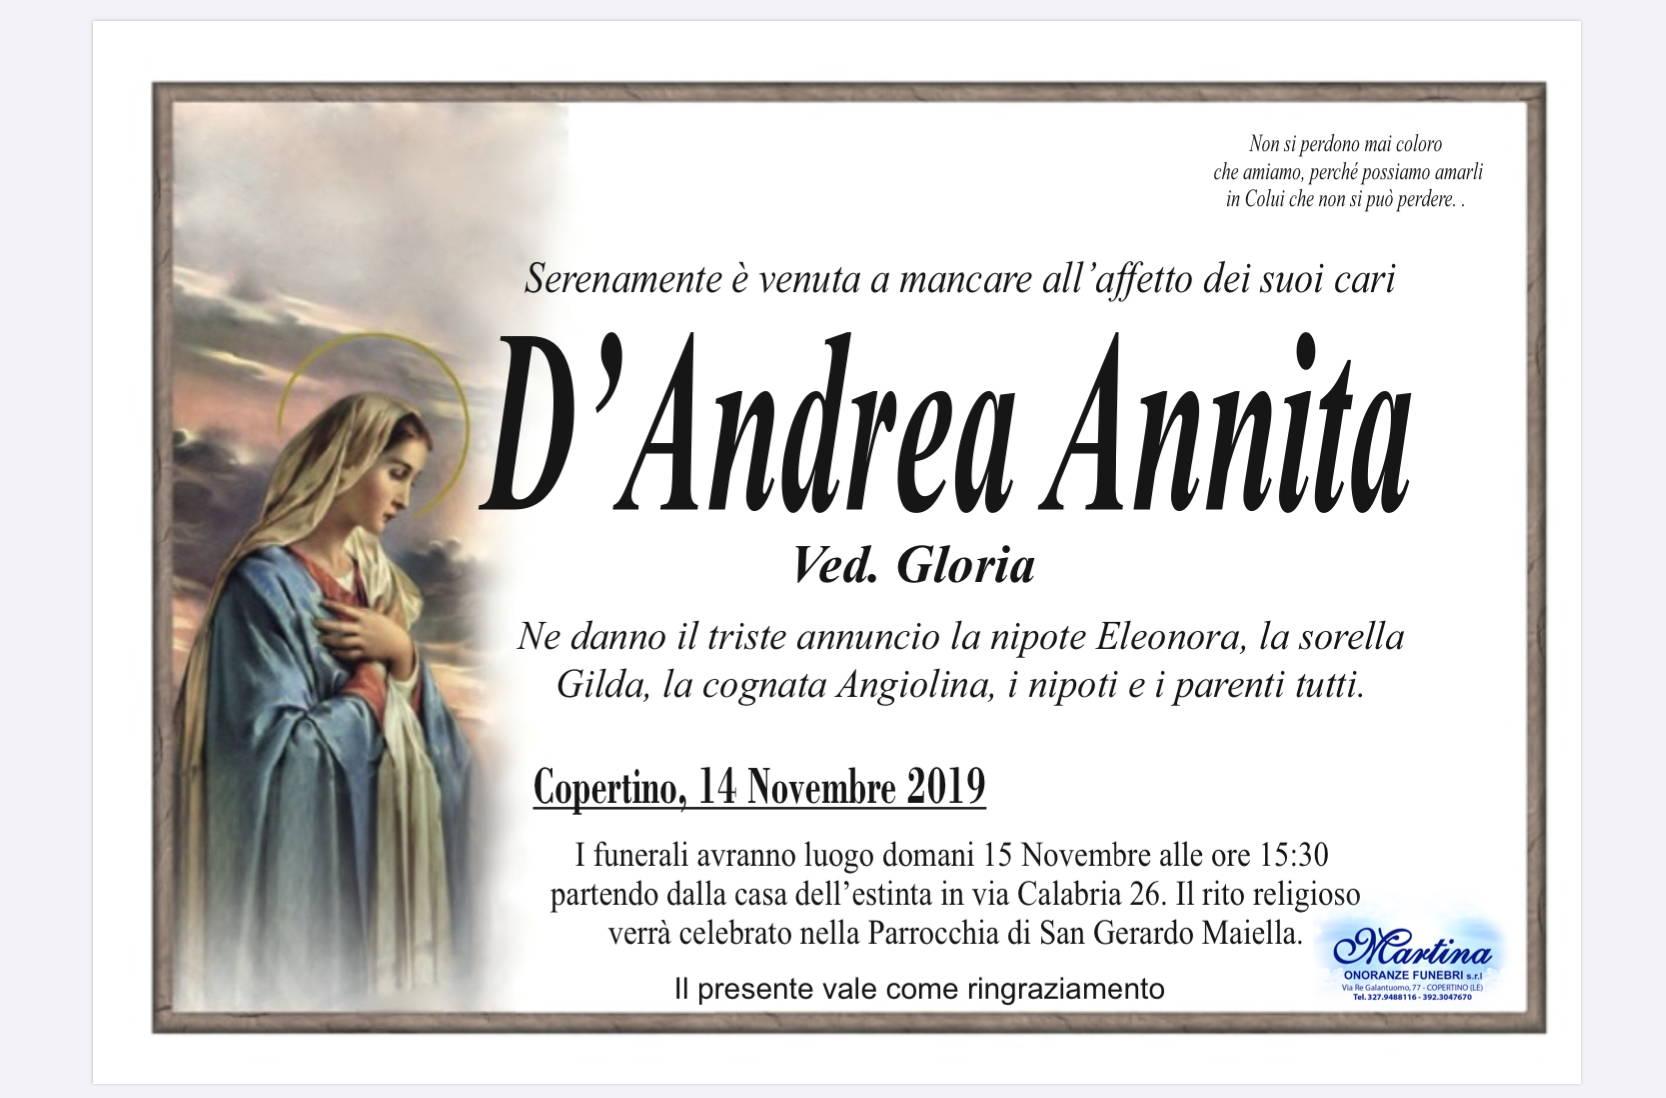 Annita D'Andrea